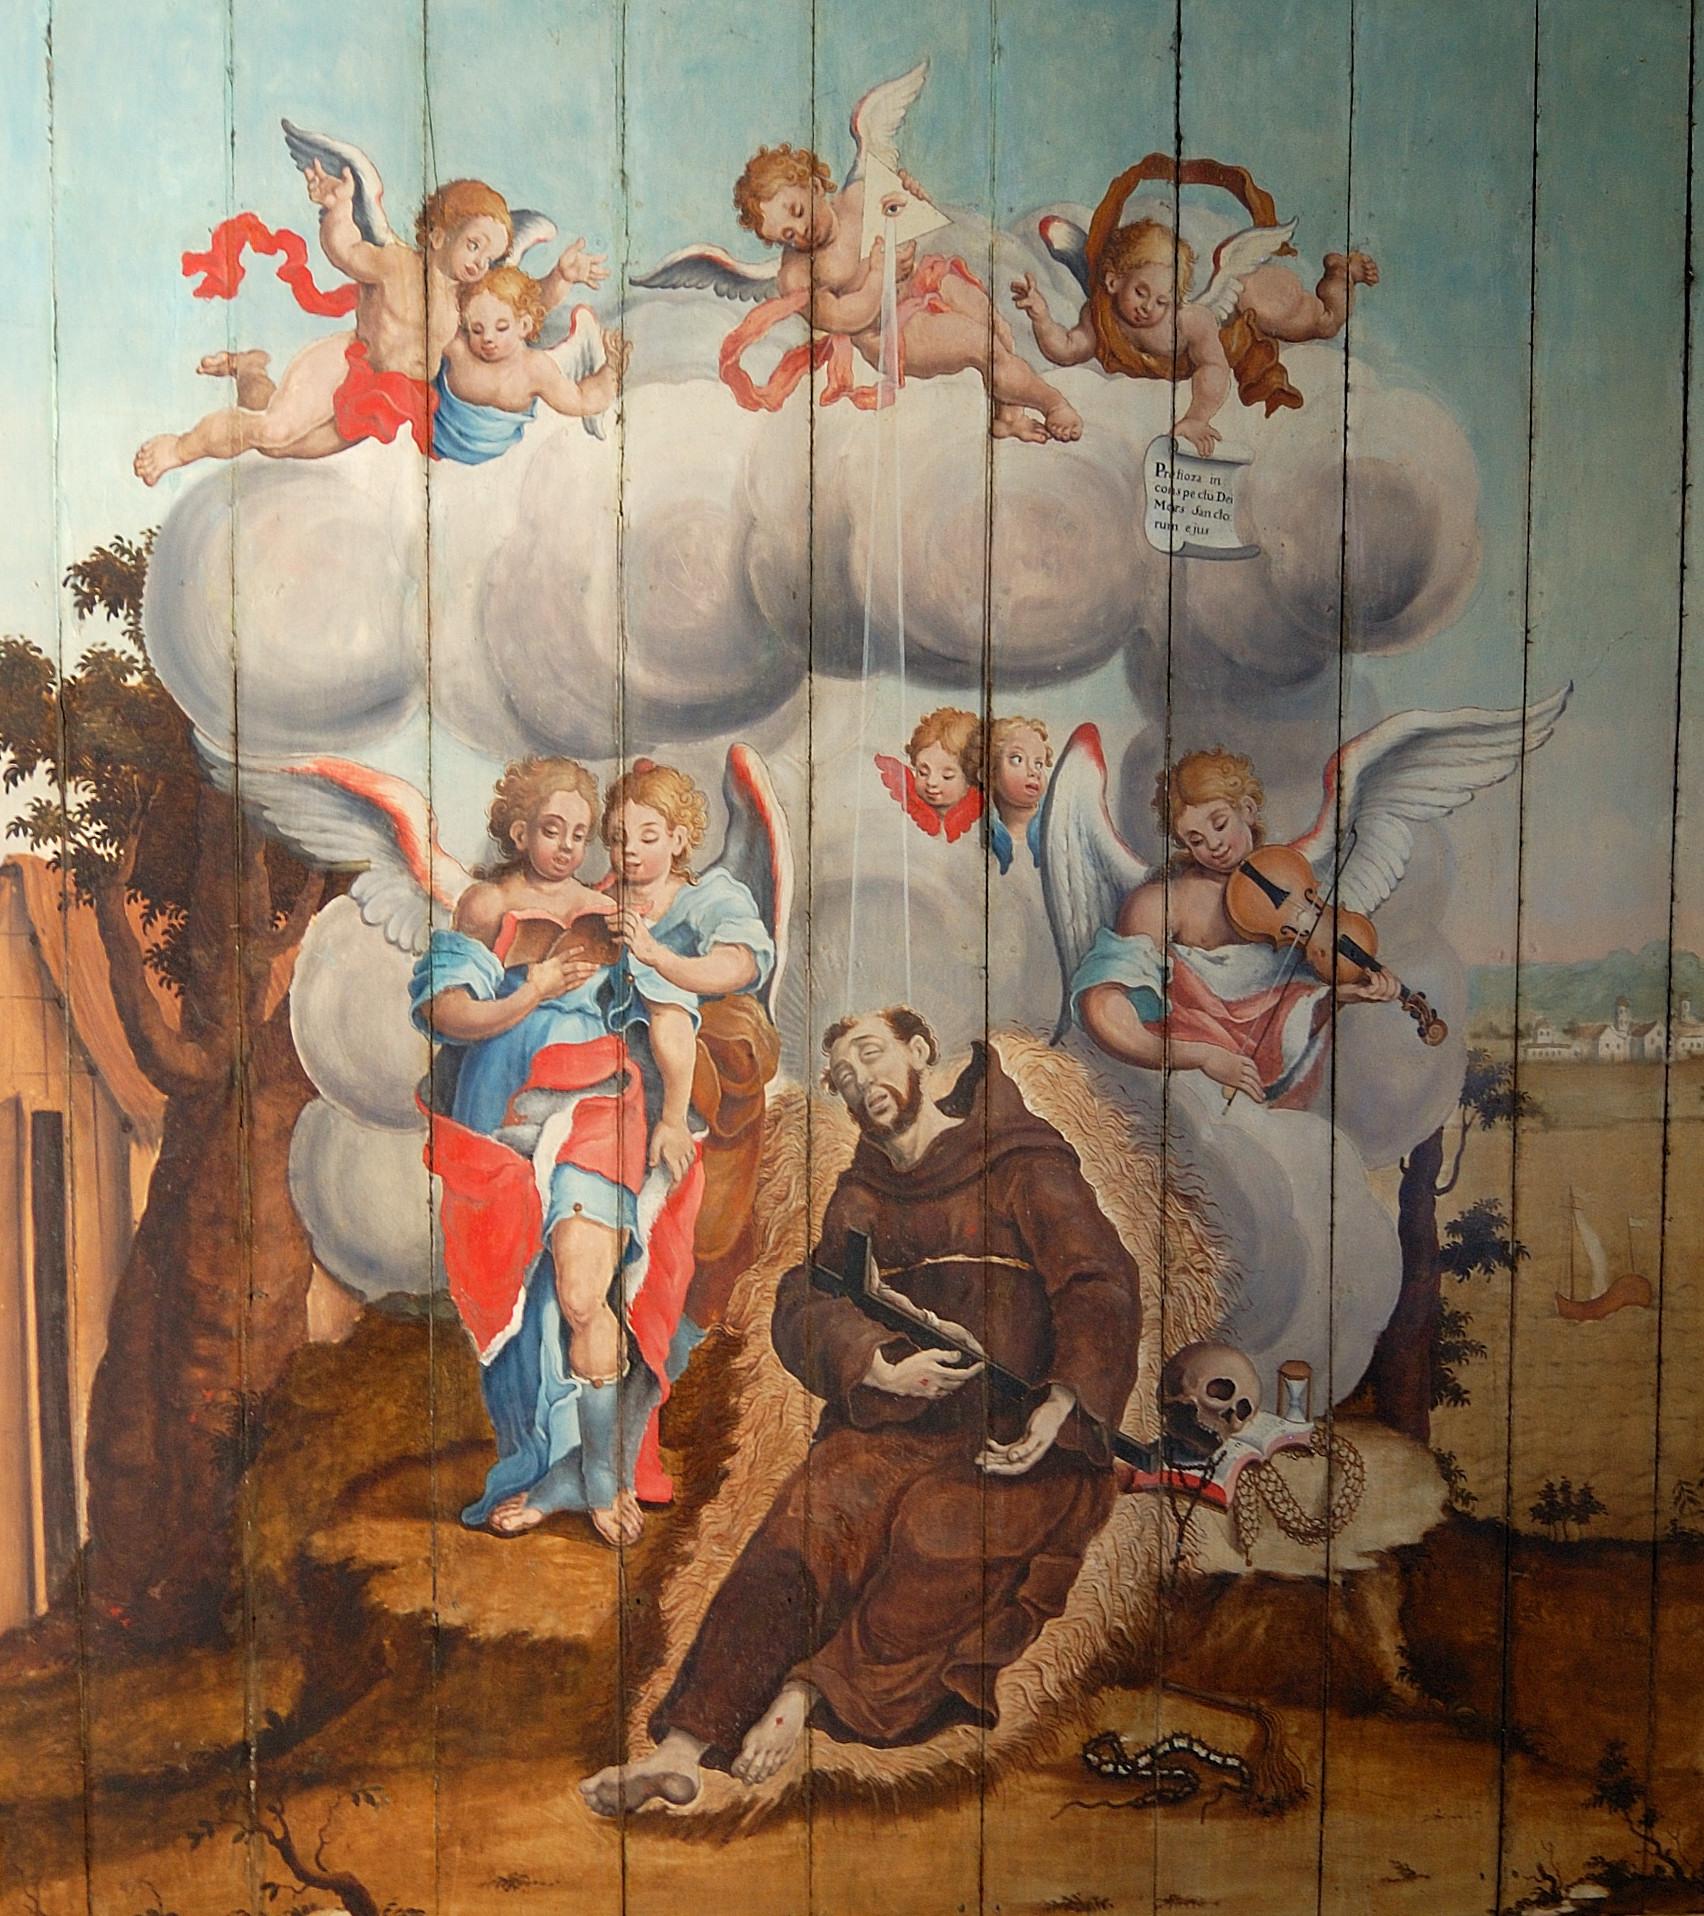 Extremamente Pintura no Brasil – Wikipédia, a enciclopédia livre PI56